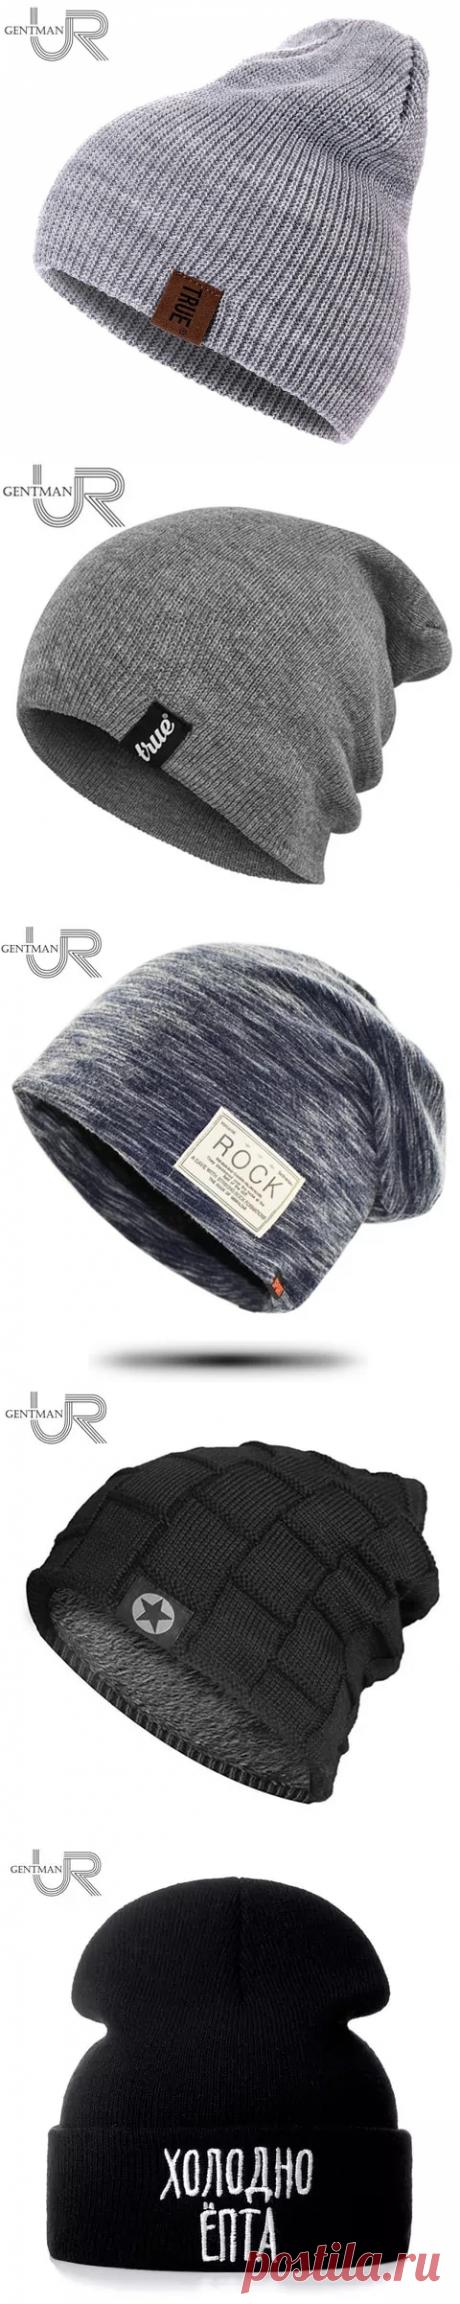 шапка  True бирка повседневное шапка женская мужская теплая вязаная зимняя шапка модные однотонные шапка бини | Мужская Skullies & шапочки